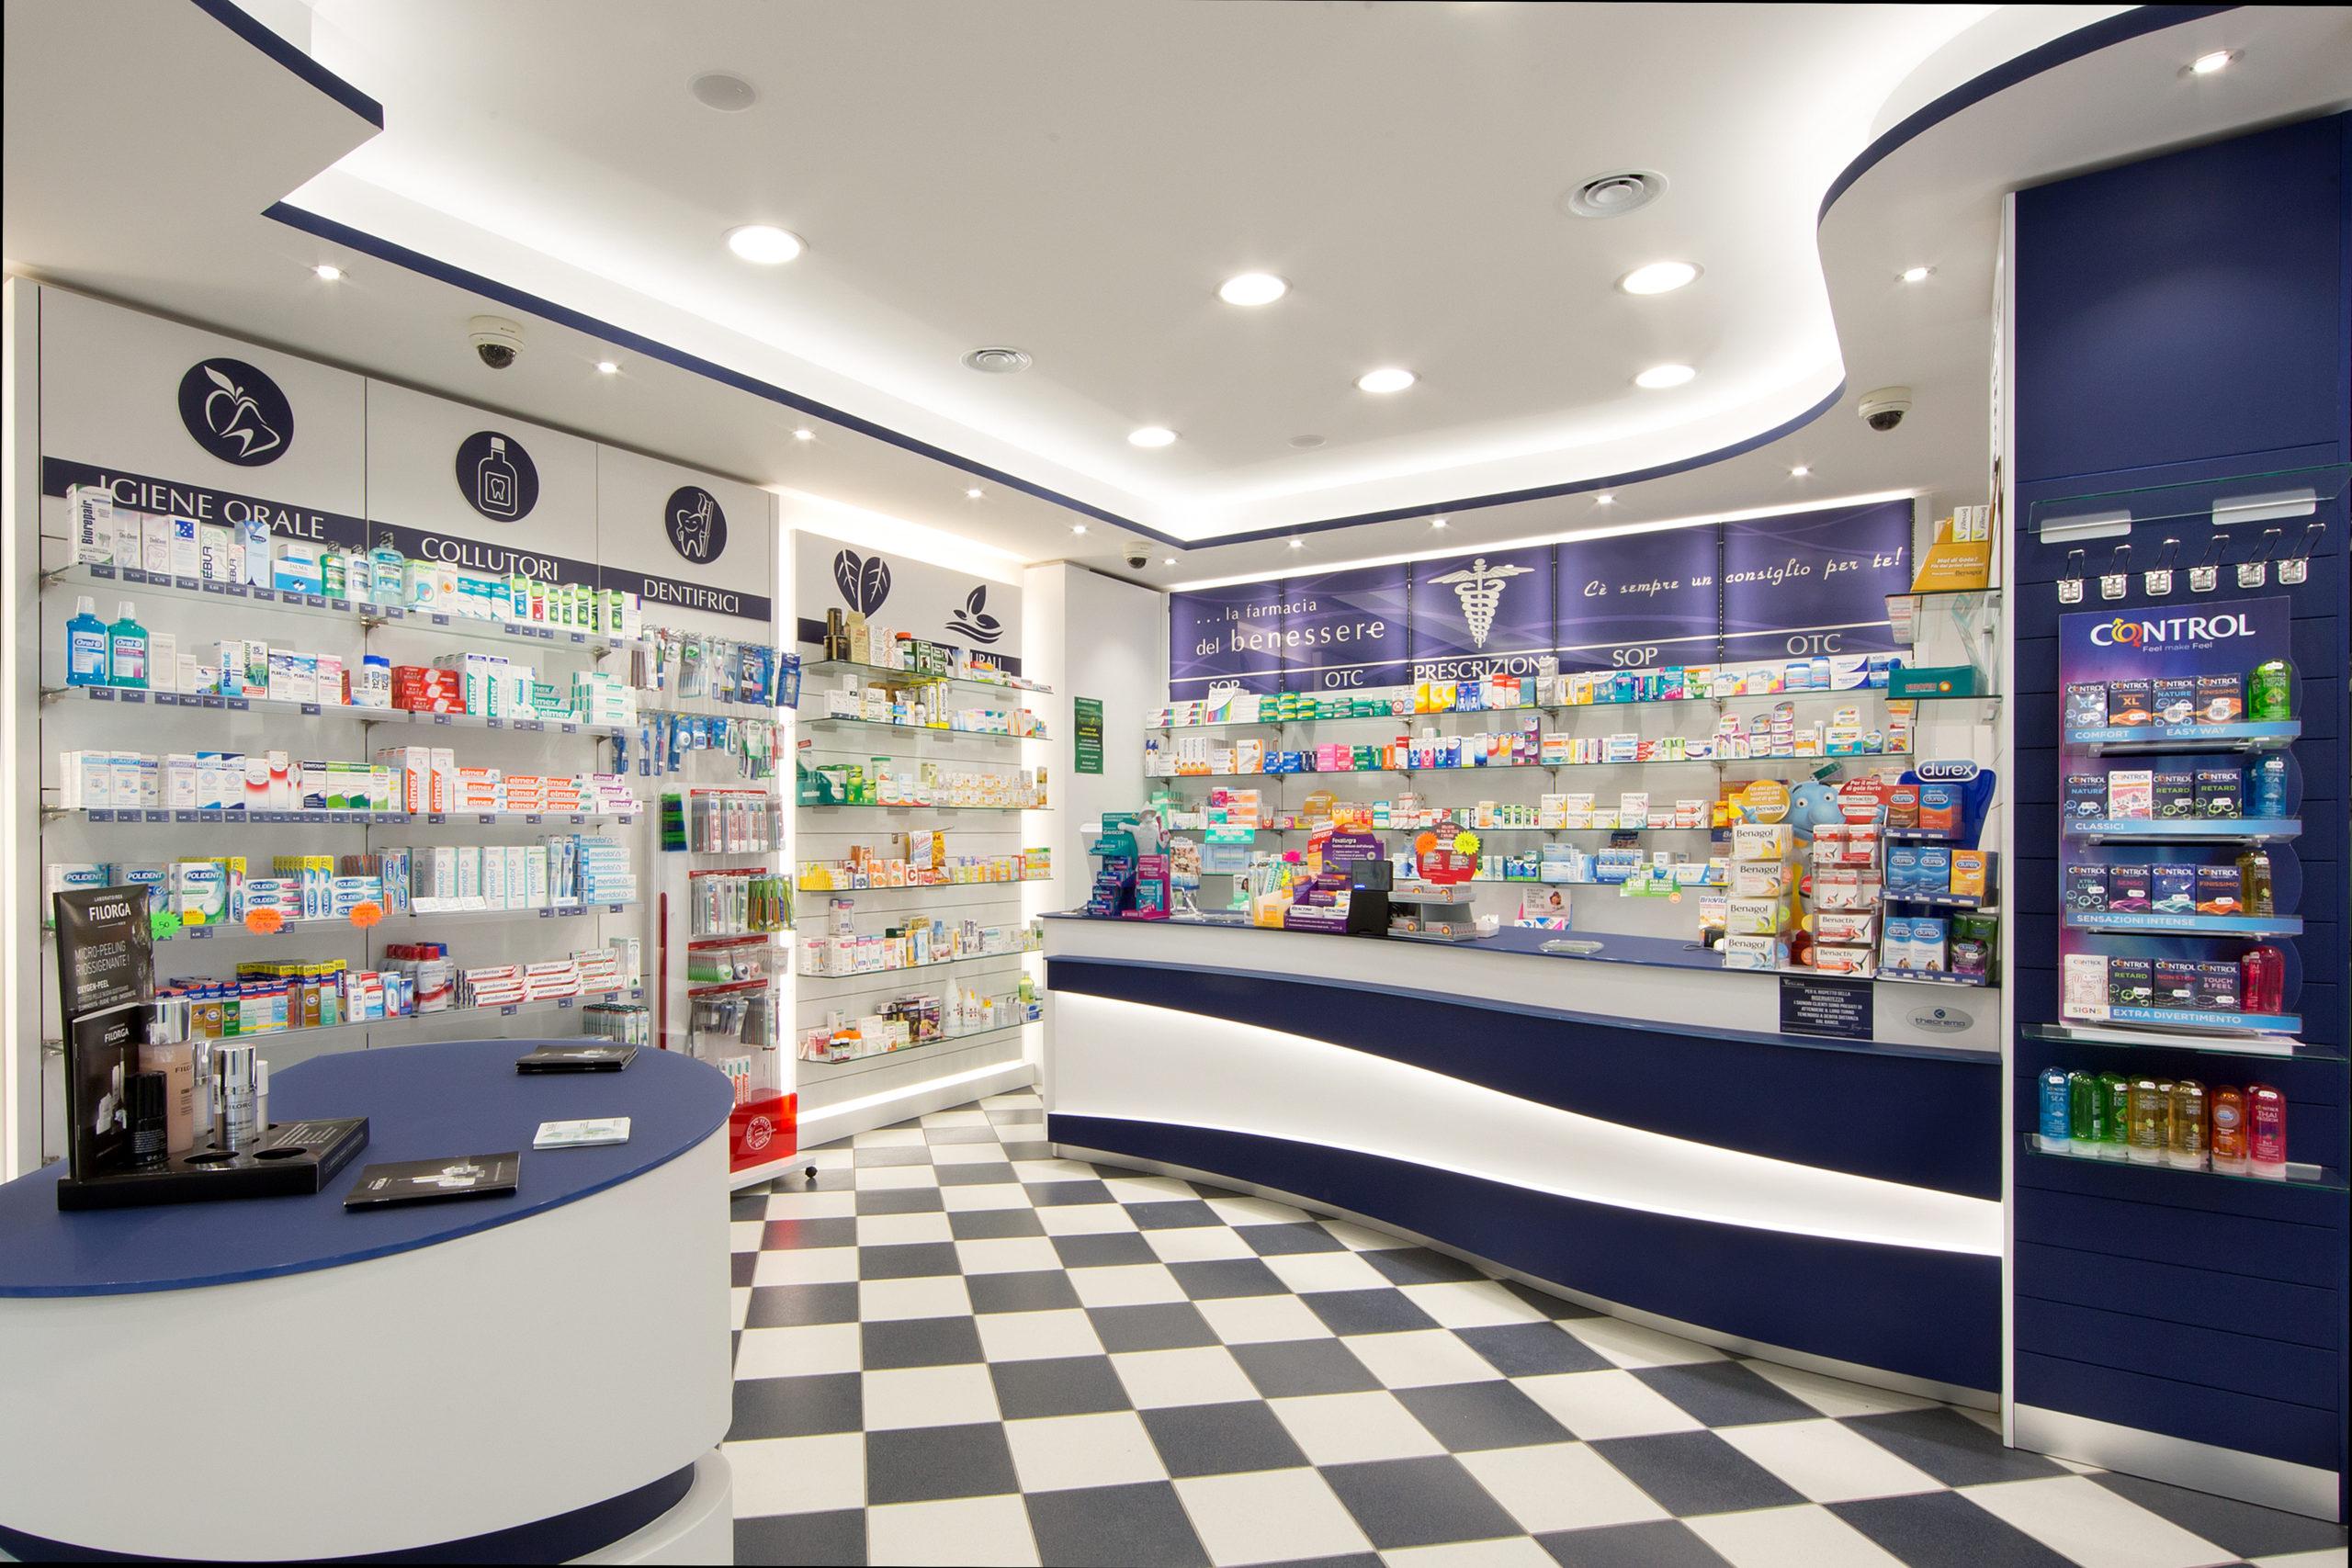 Banco-vendita-farmacia-atellana-ortadiatella-Theorema-arredamenti-farmacie.jpg (1)